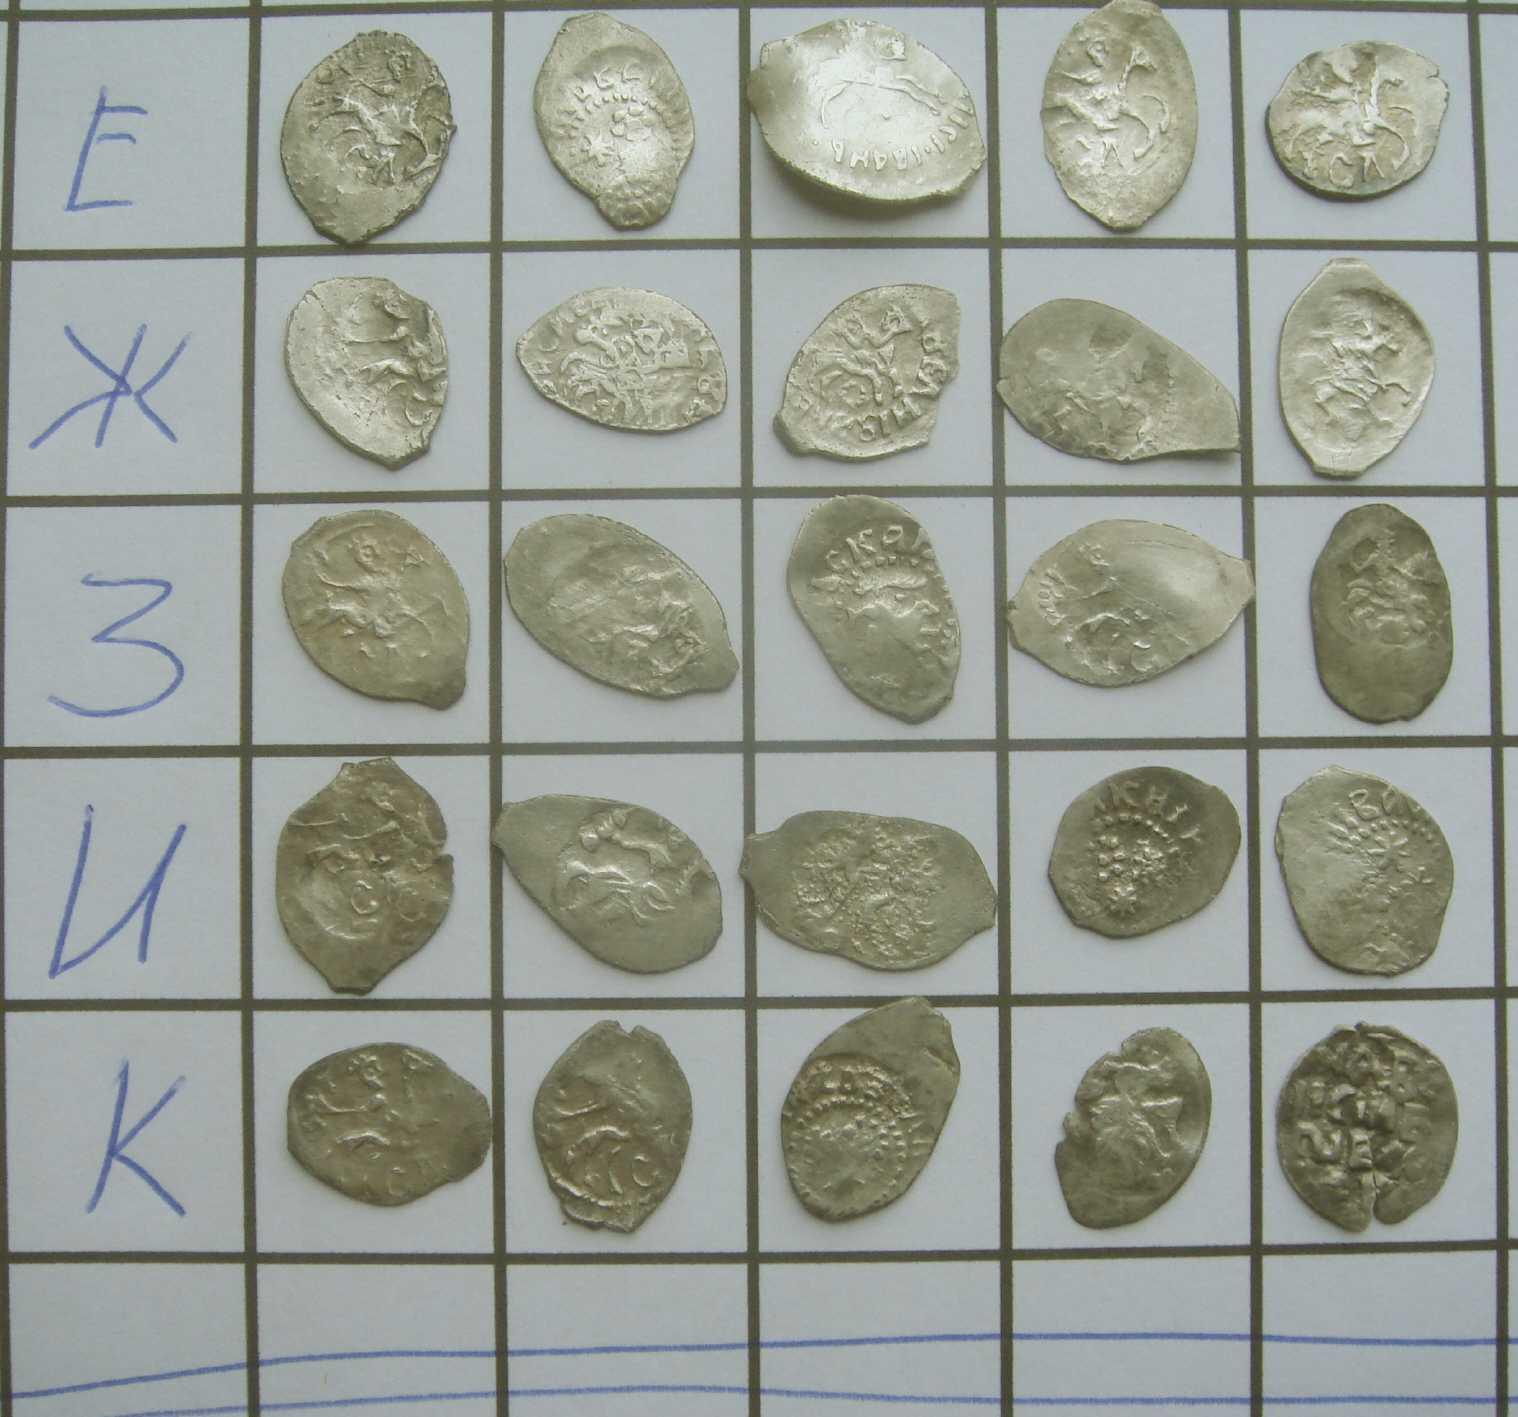 сортов определение монеты по фото его итоге